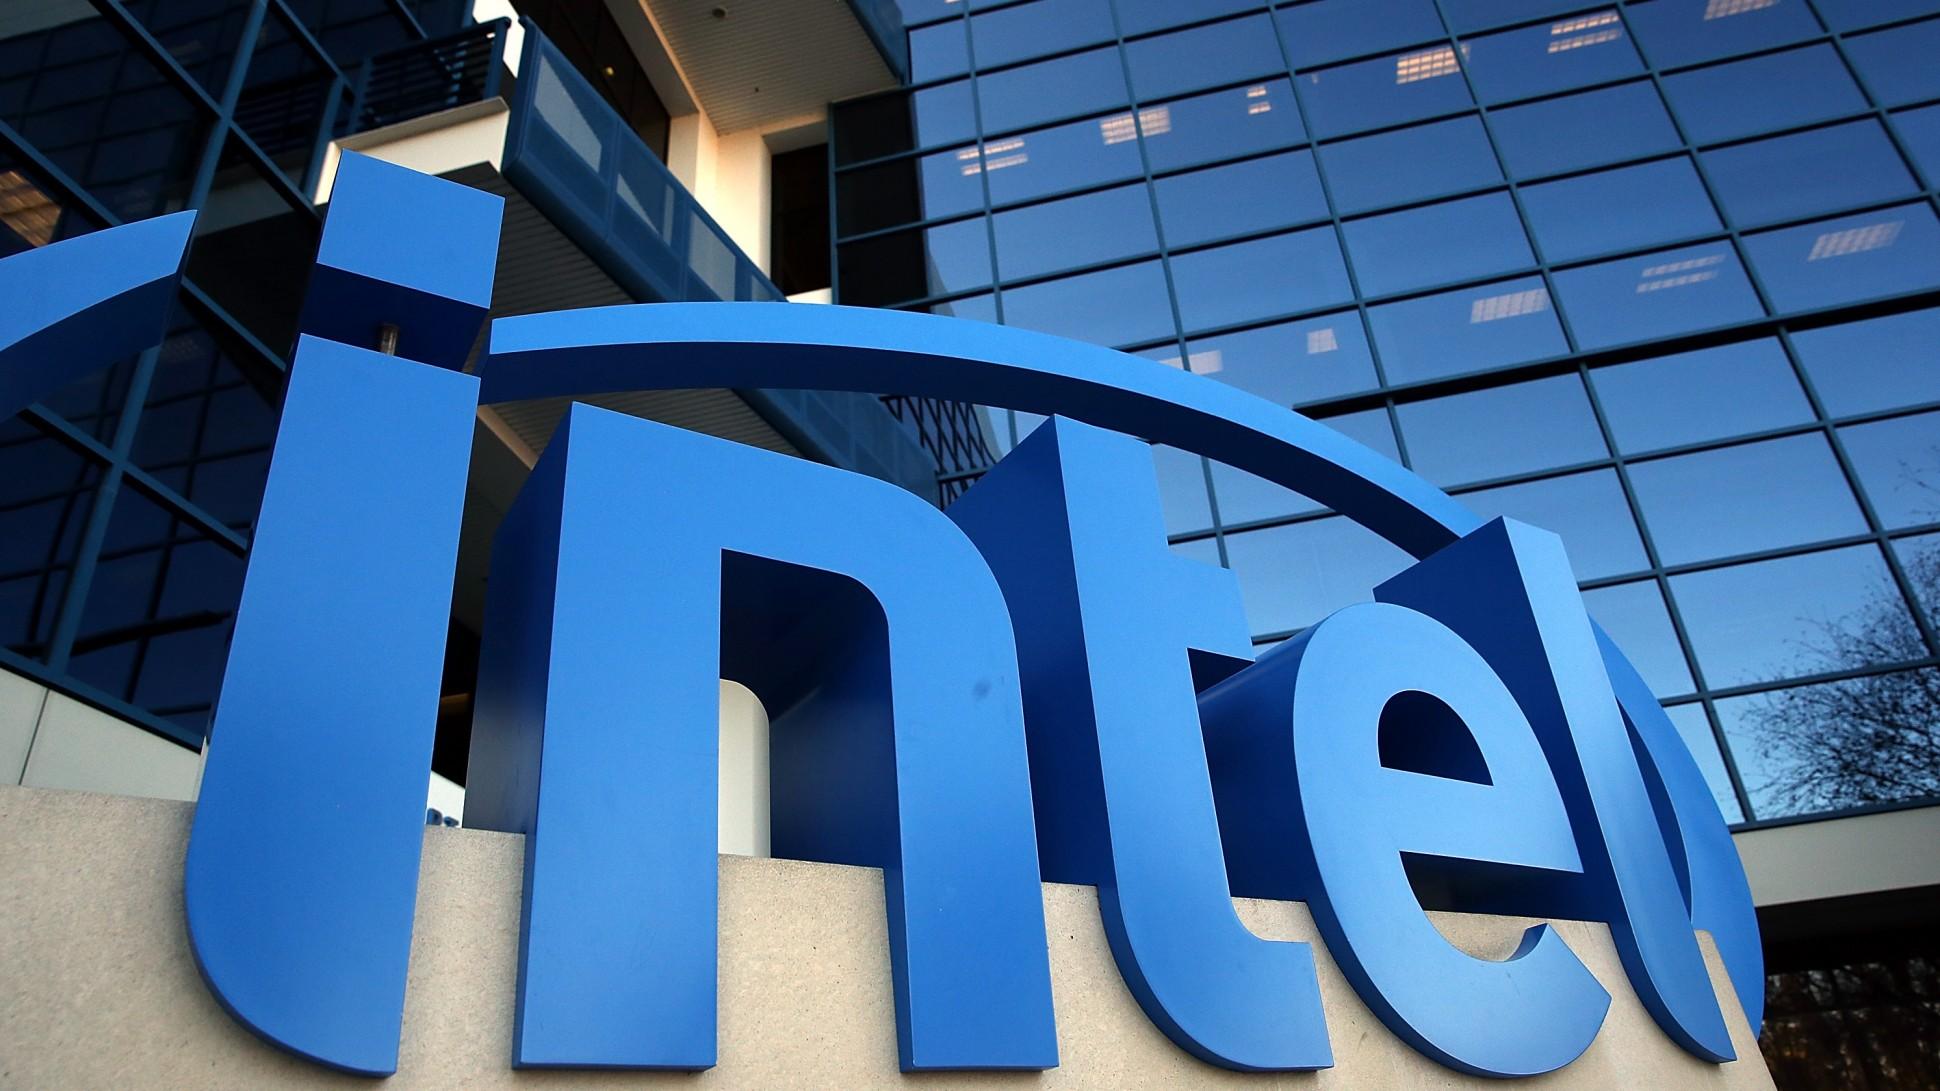 Intel obtiene una patente por un proceso de minería de Bitcoin de alto rendimiento que ahorra energía